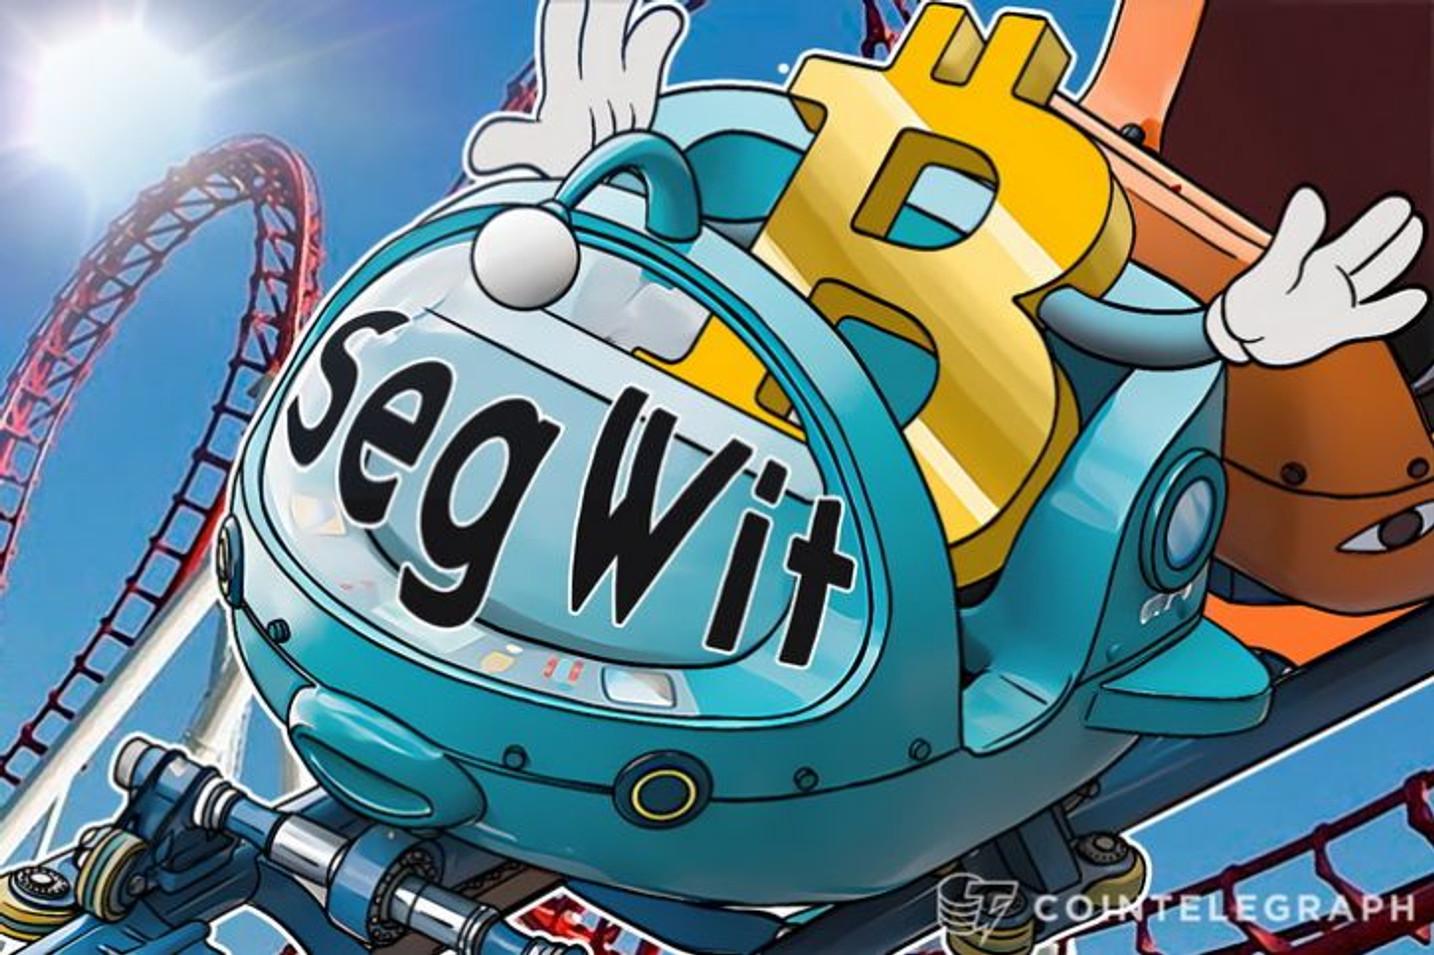 Hard Fork Rhetoric Sparks $1 Bln Cross-Crypto Trading